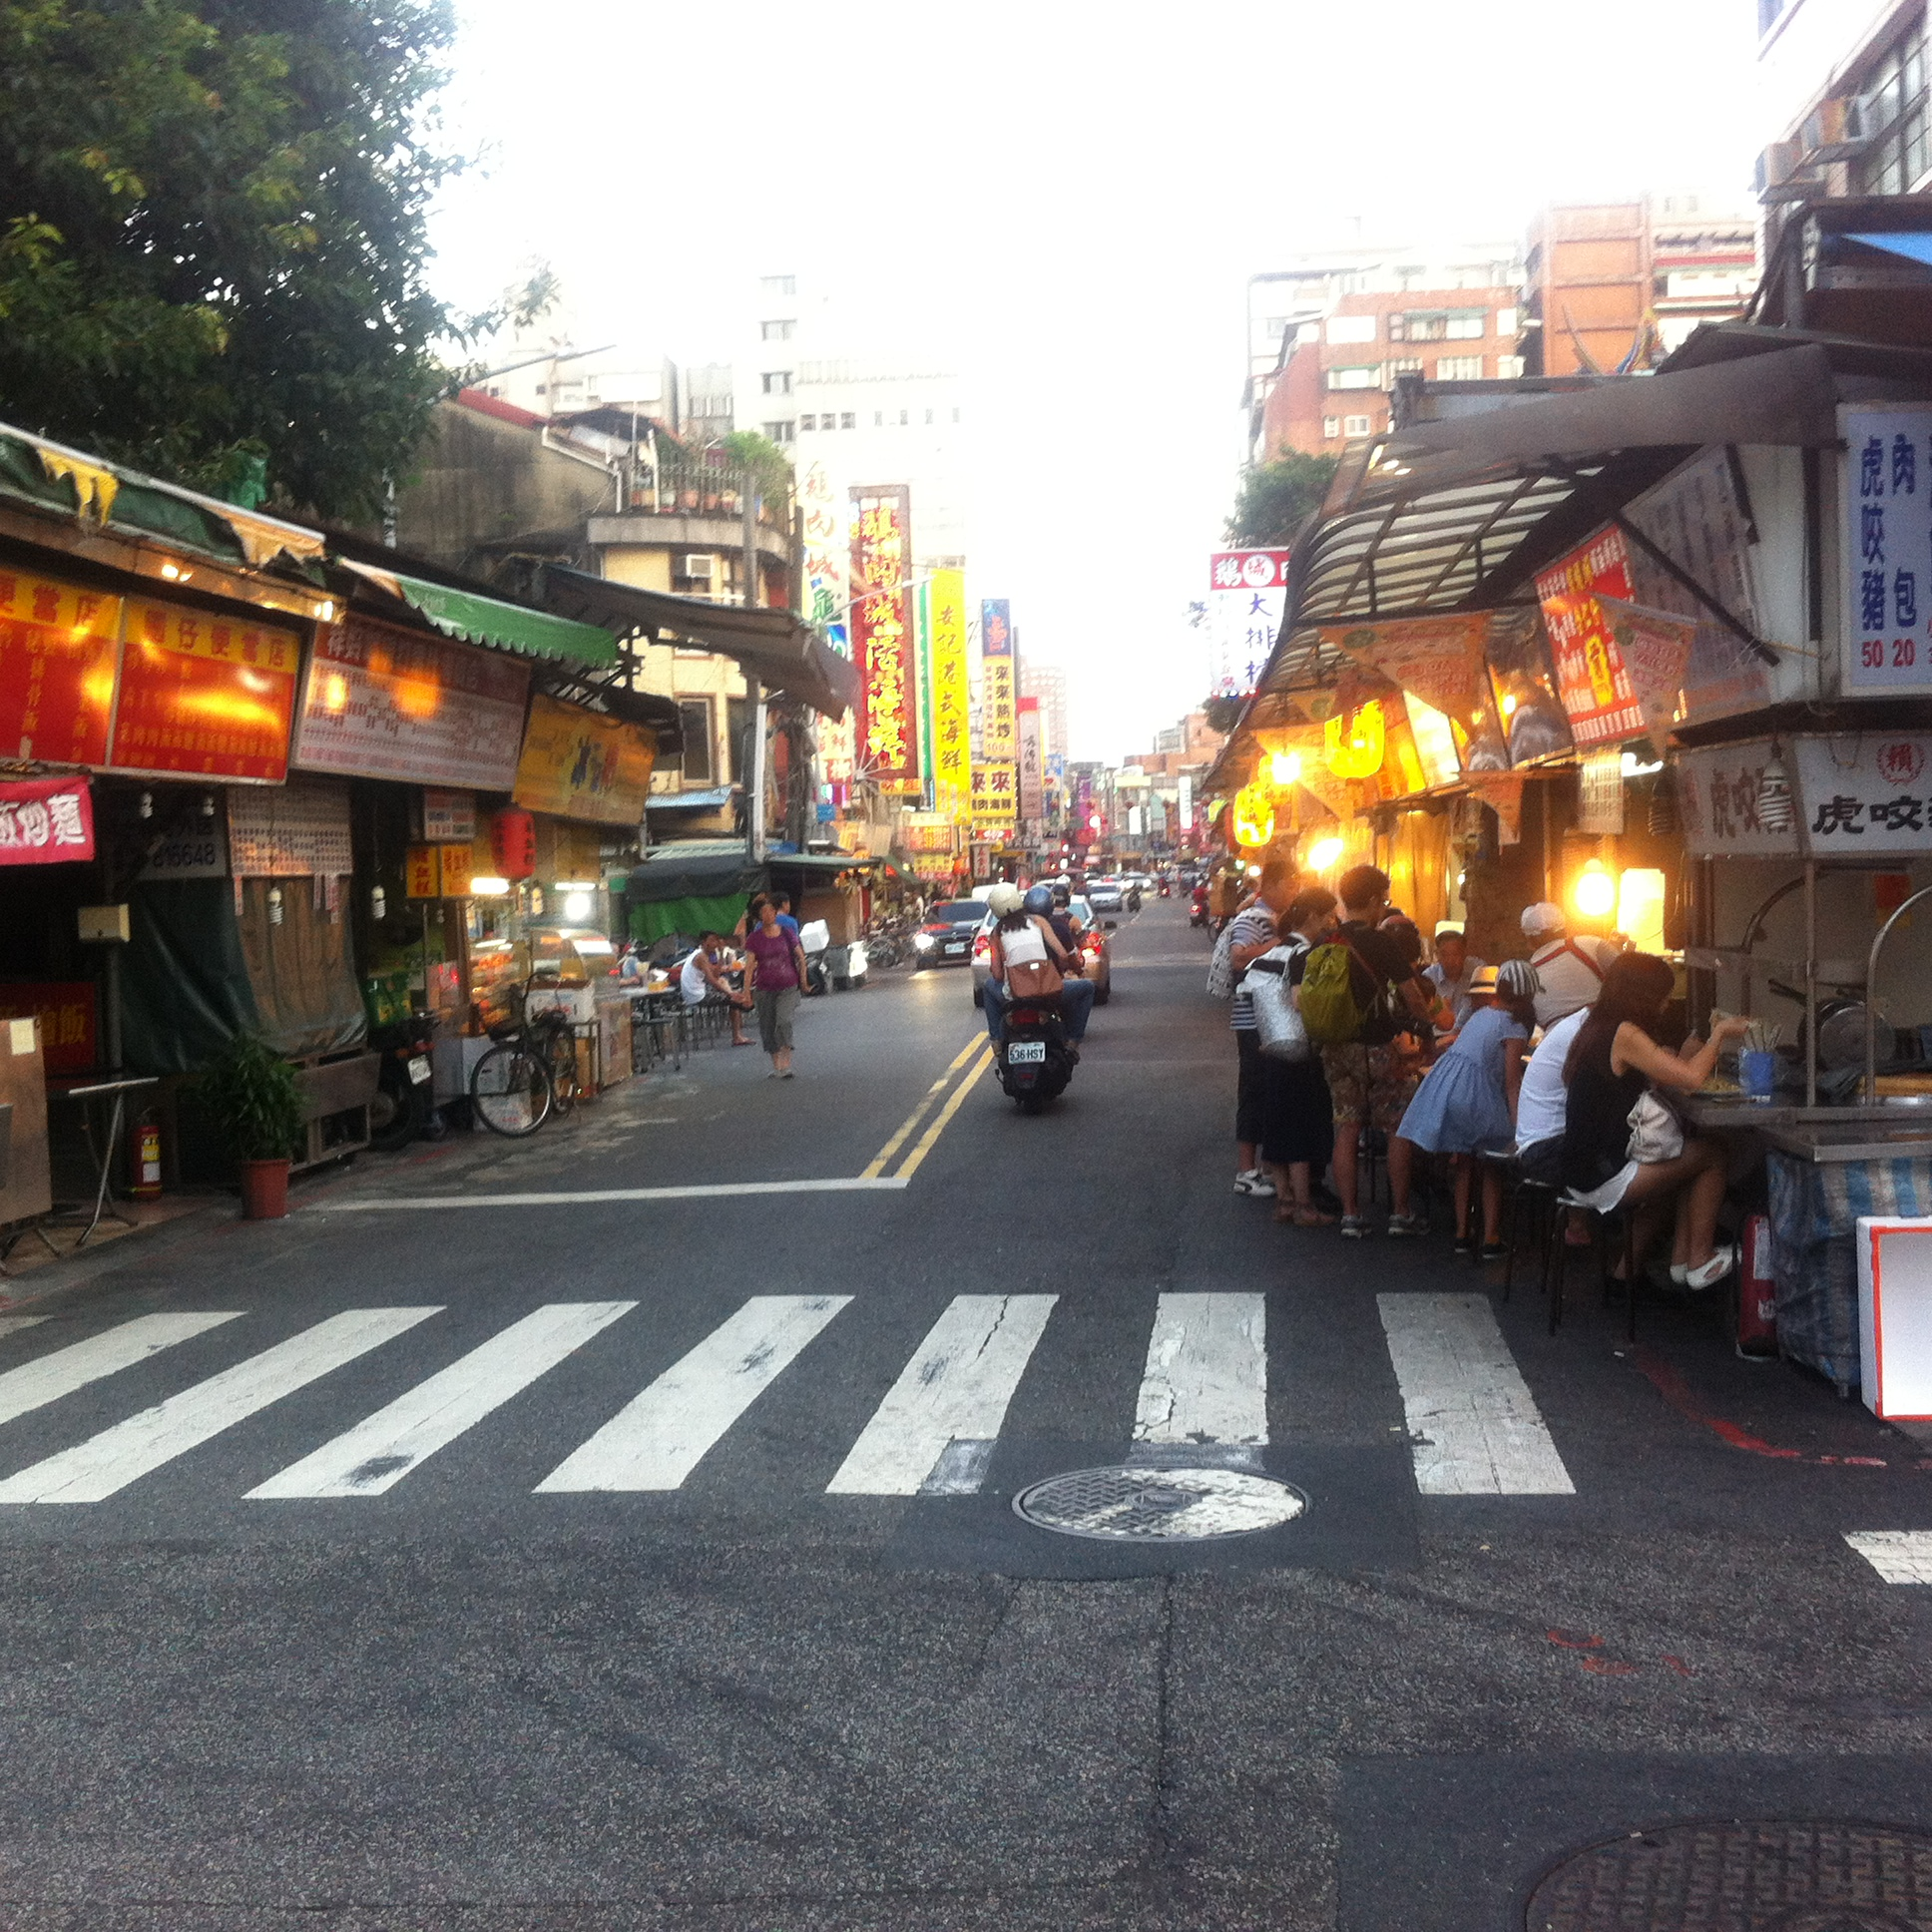 【夜市】台北市の中でも超一等地の場所に位置する「遼寧街夜市」